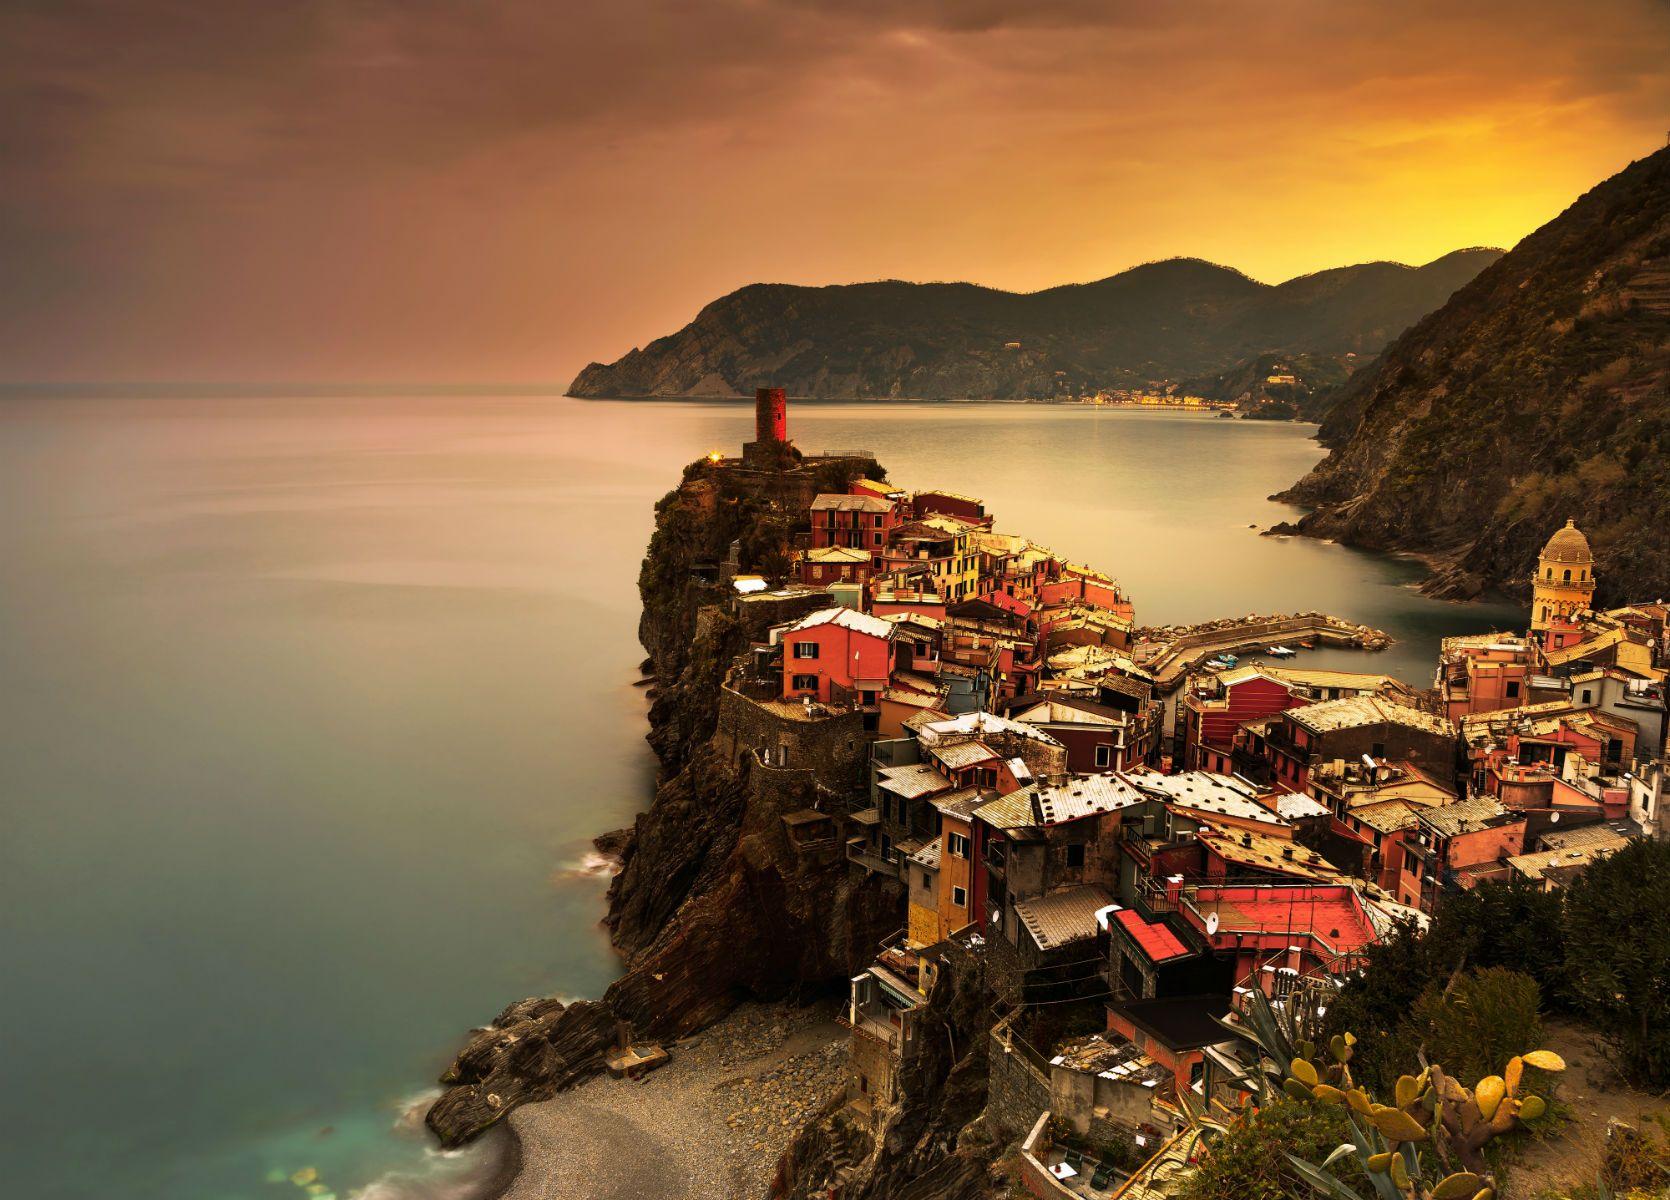 Con il suo paesaggio spettacolare, l'ottimo vino, il buon cibo, la Riviera ligure è meravigliosa anche nell'atmosfera sonnolenta dell'autunno!